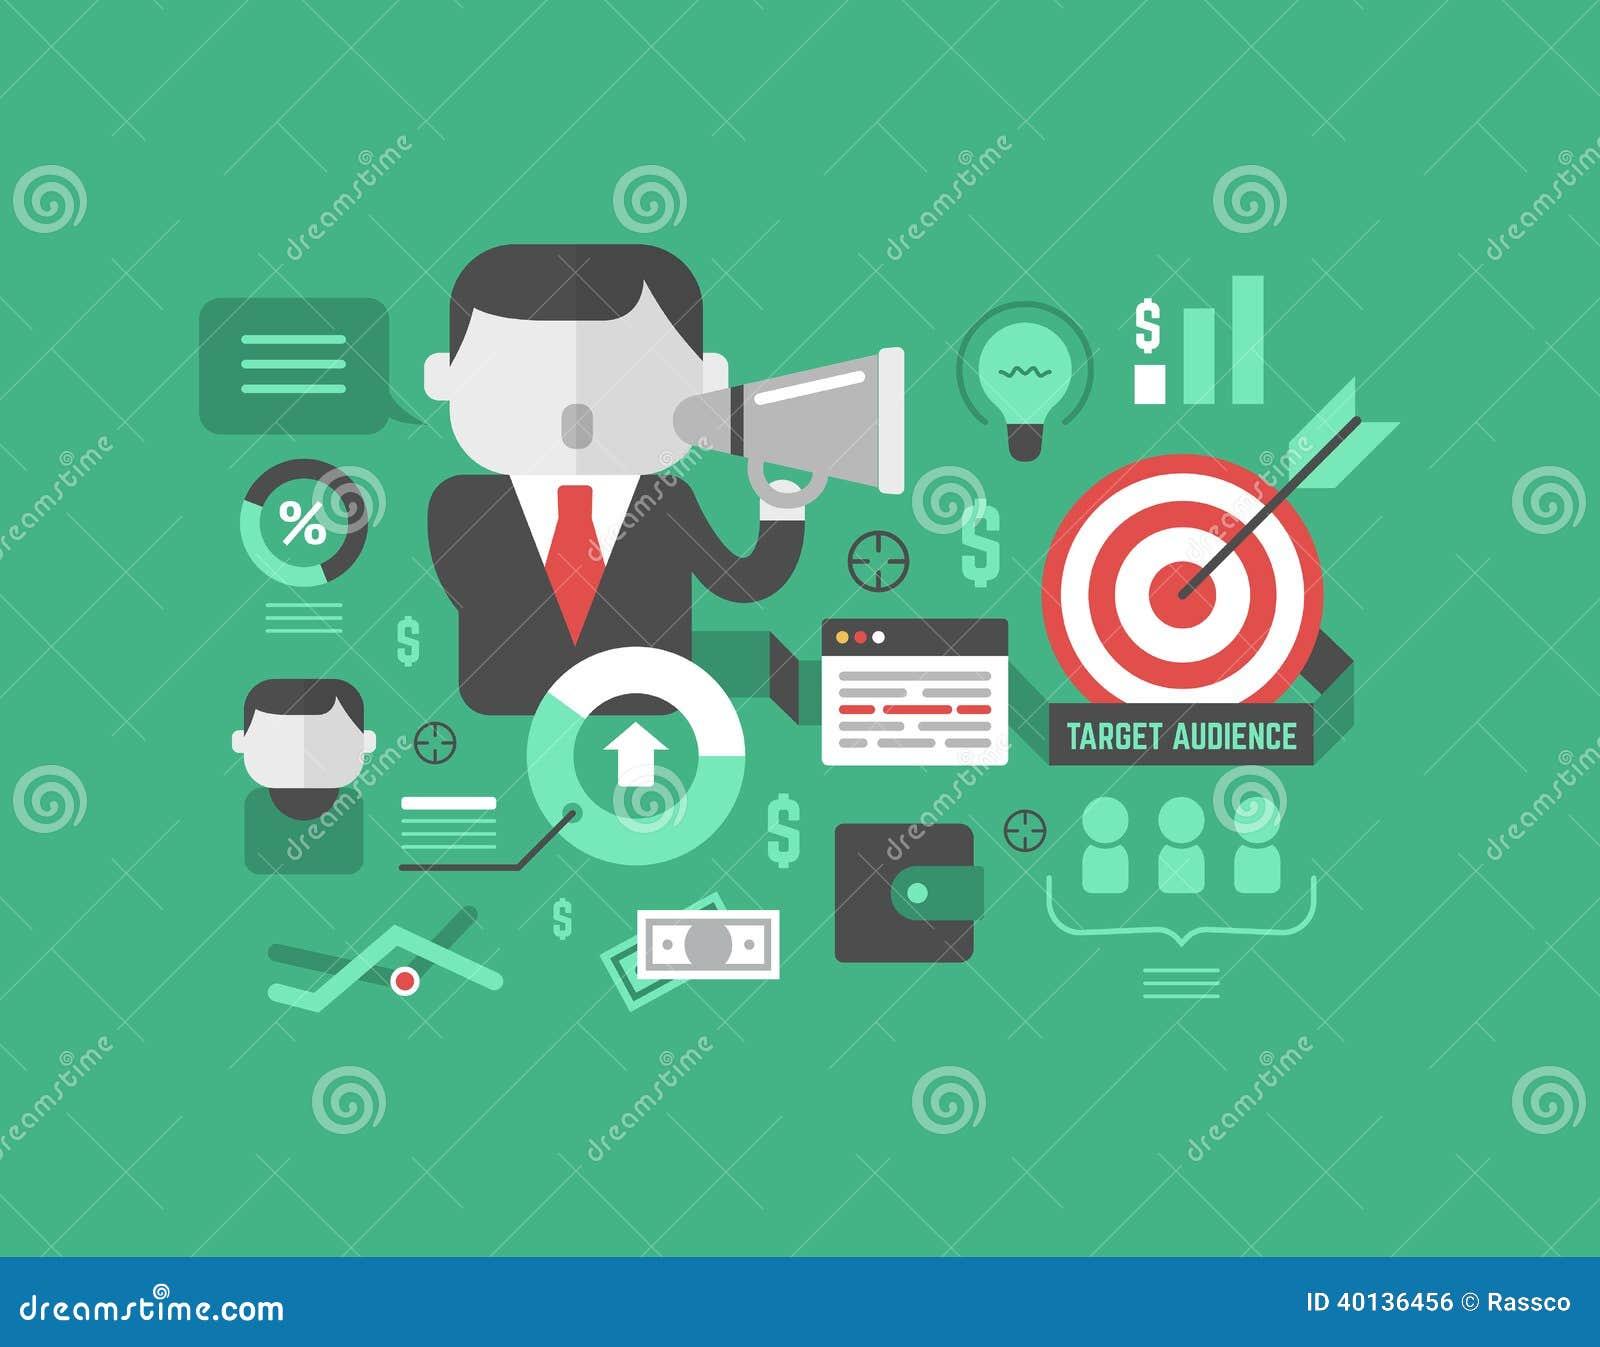 Zielgruppe. Digital-Marketing und -Werbekonzeption